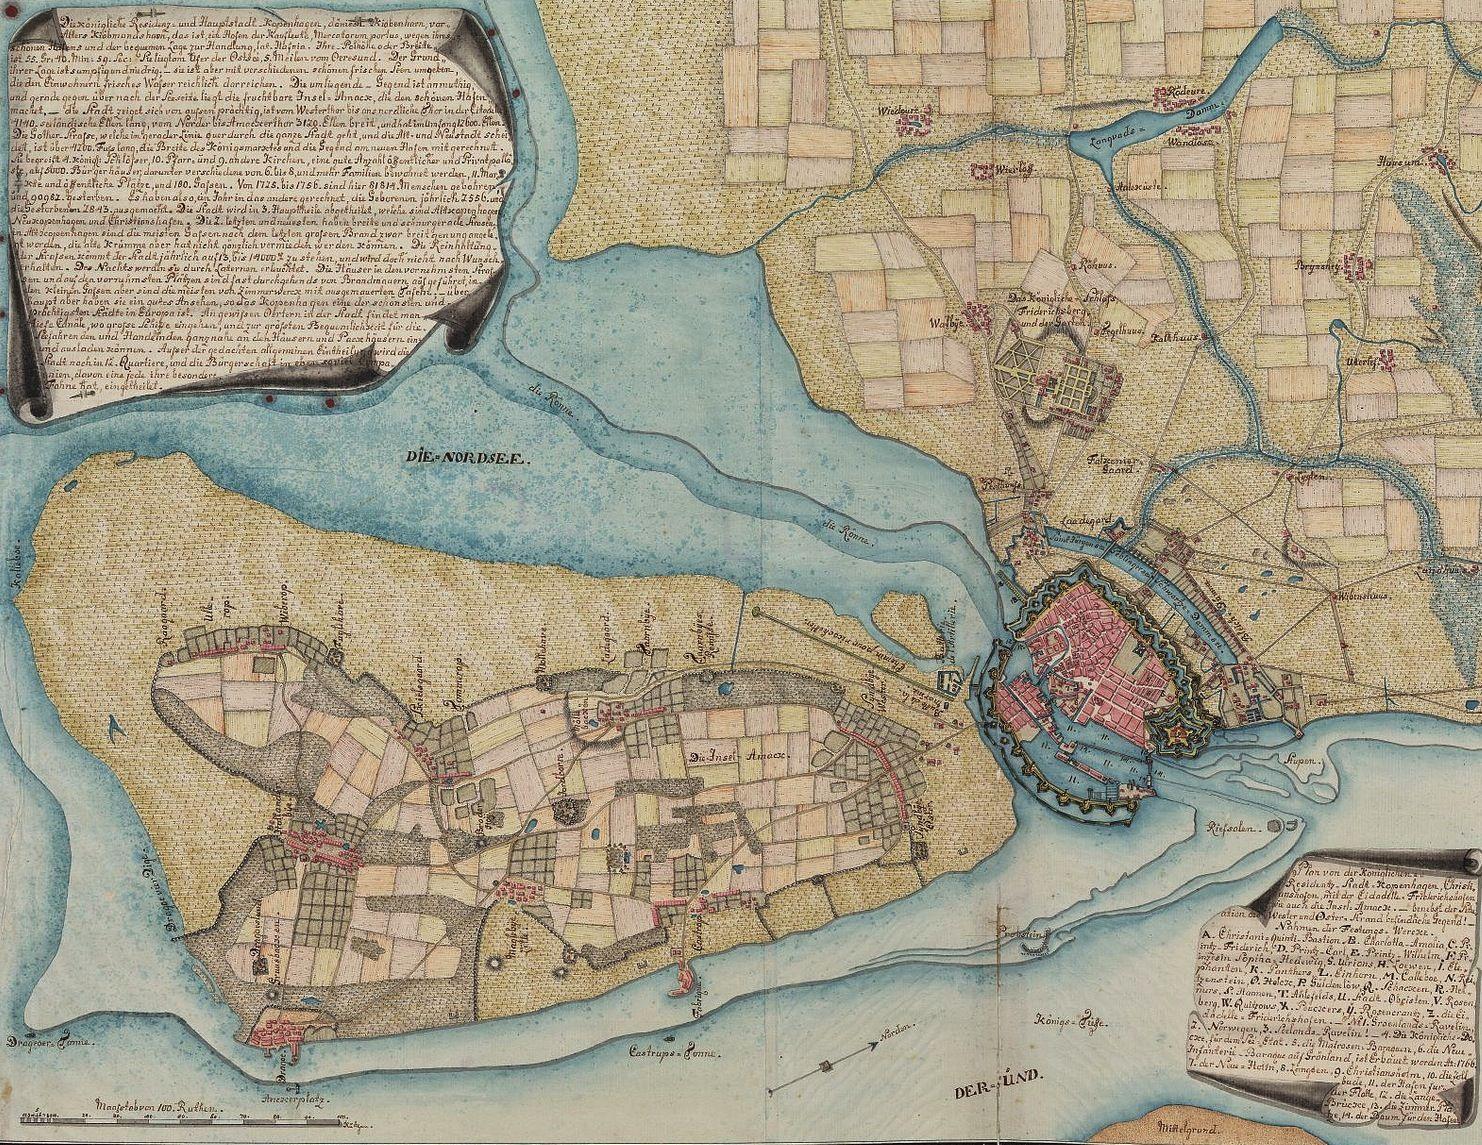 Old Copenhagen Map With City Walls Kort Over Kobenhavn Og Opland